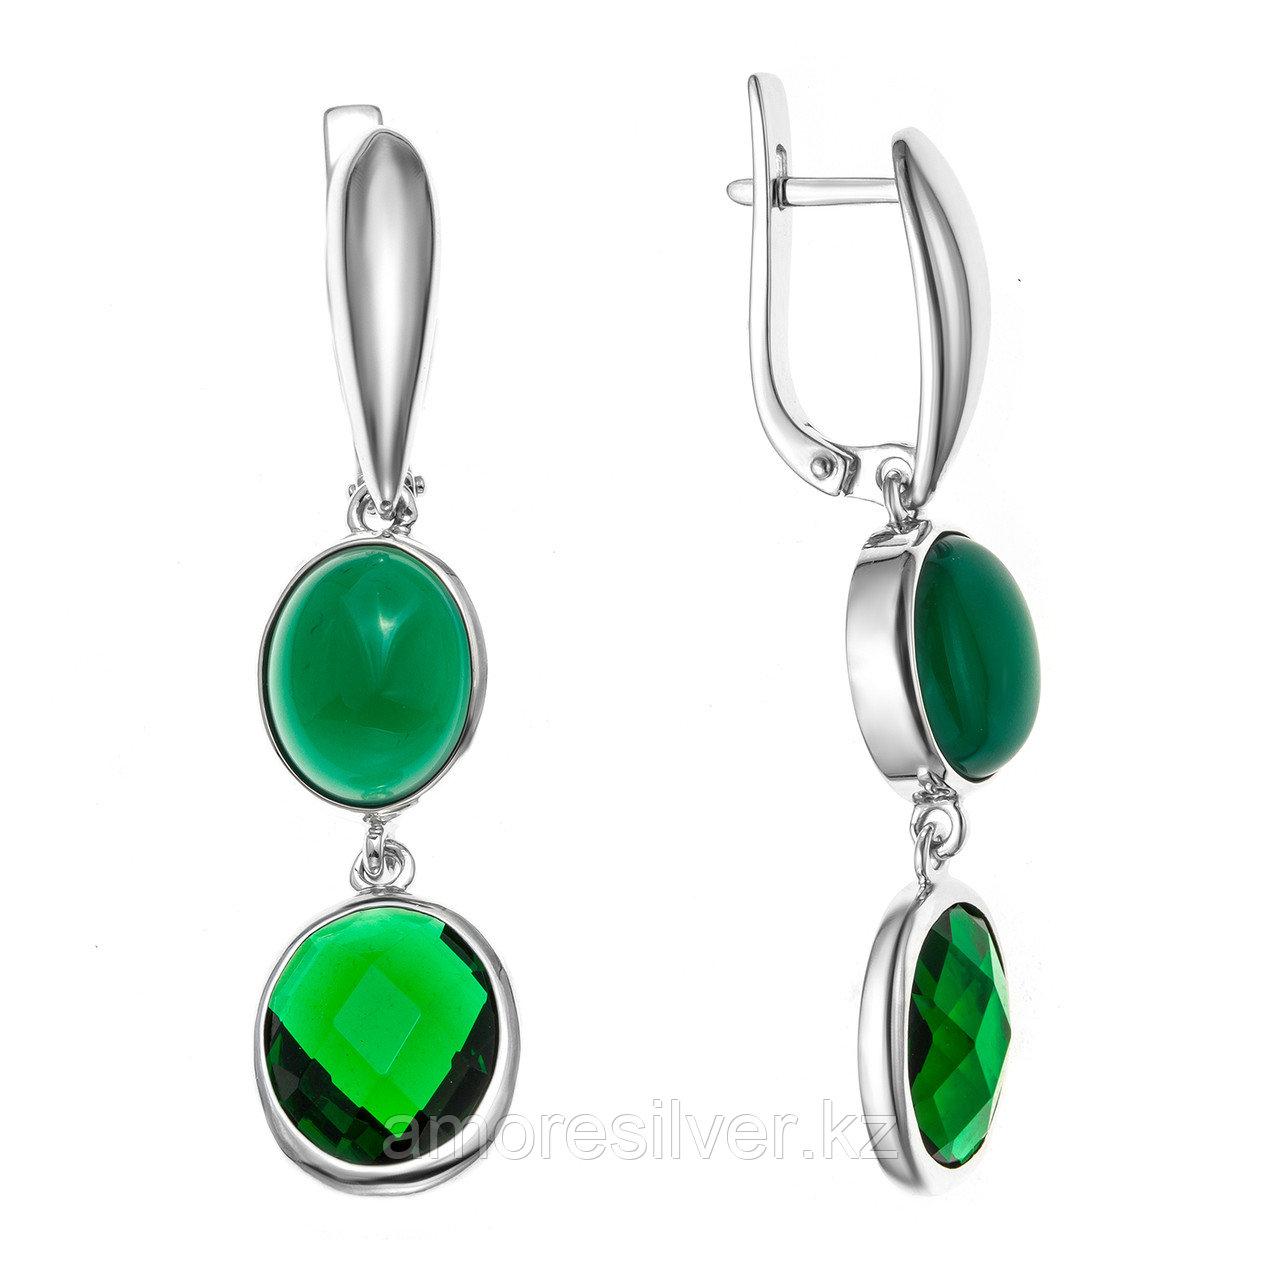 Серебряные серьги с агатом зелёным и фианитом  Teosa 2000-0315-RG